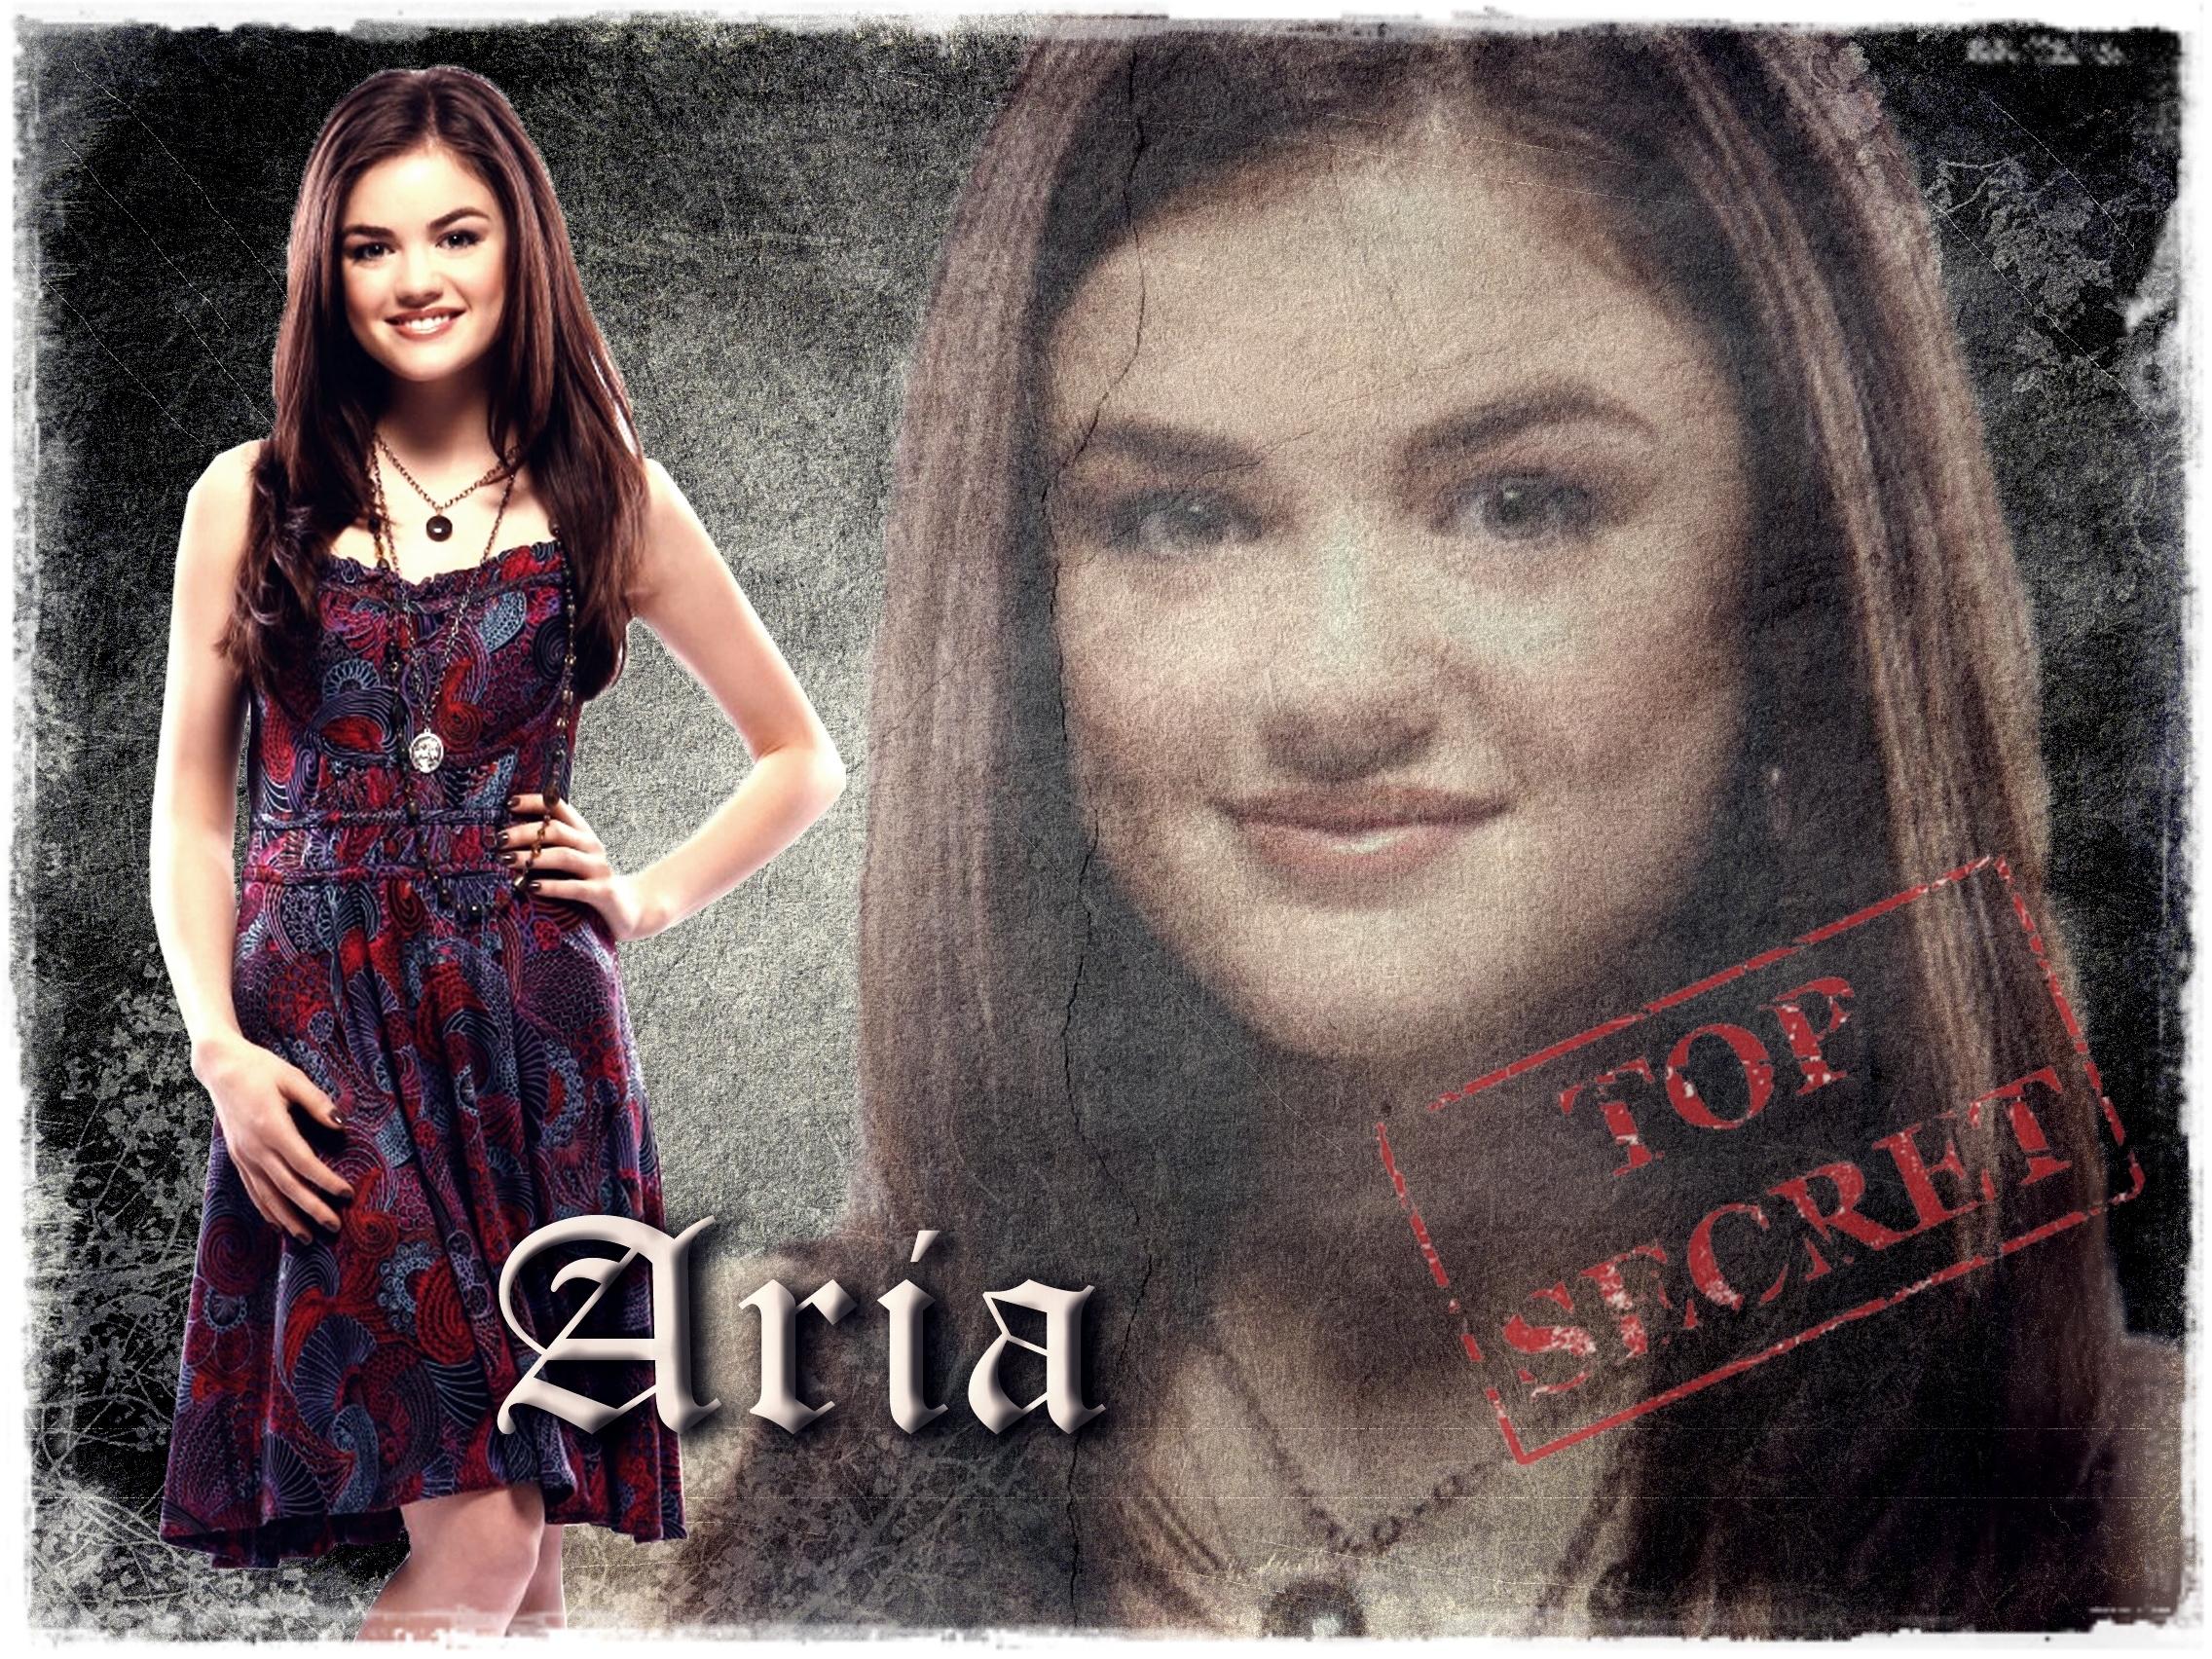 PLL - Aria